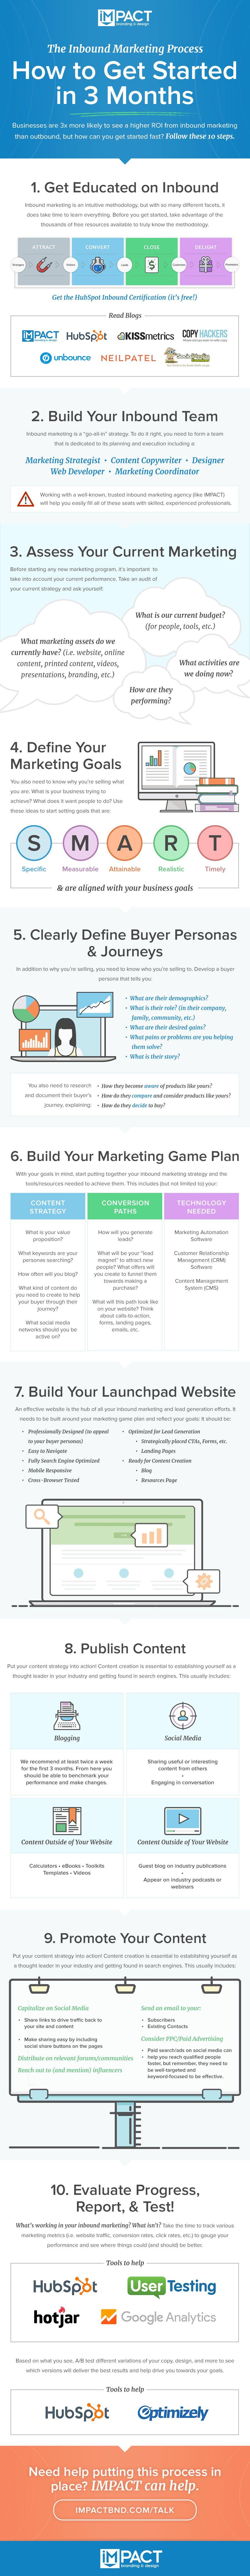 inbound-marketing-impactbnd-infographic.jpg